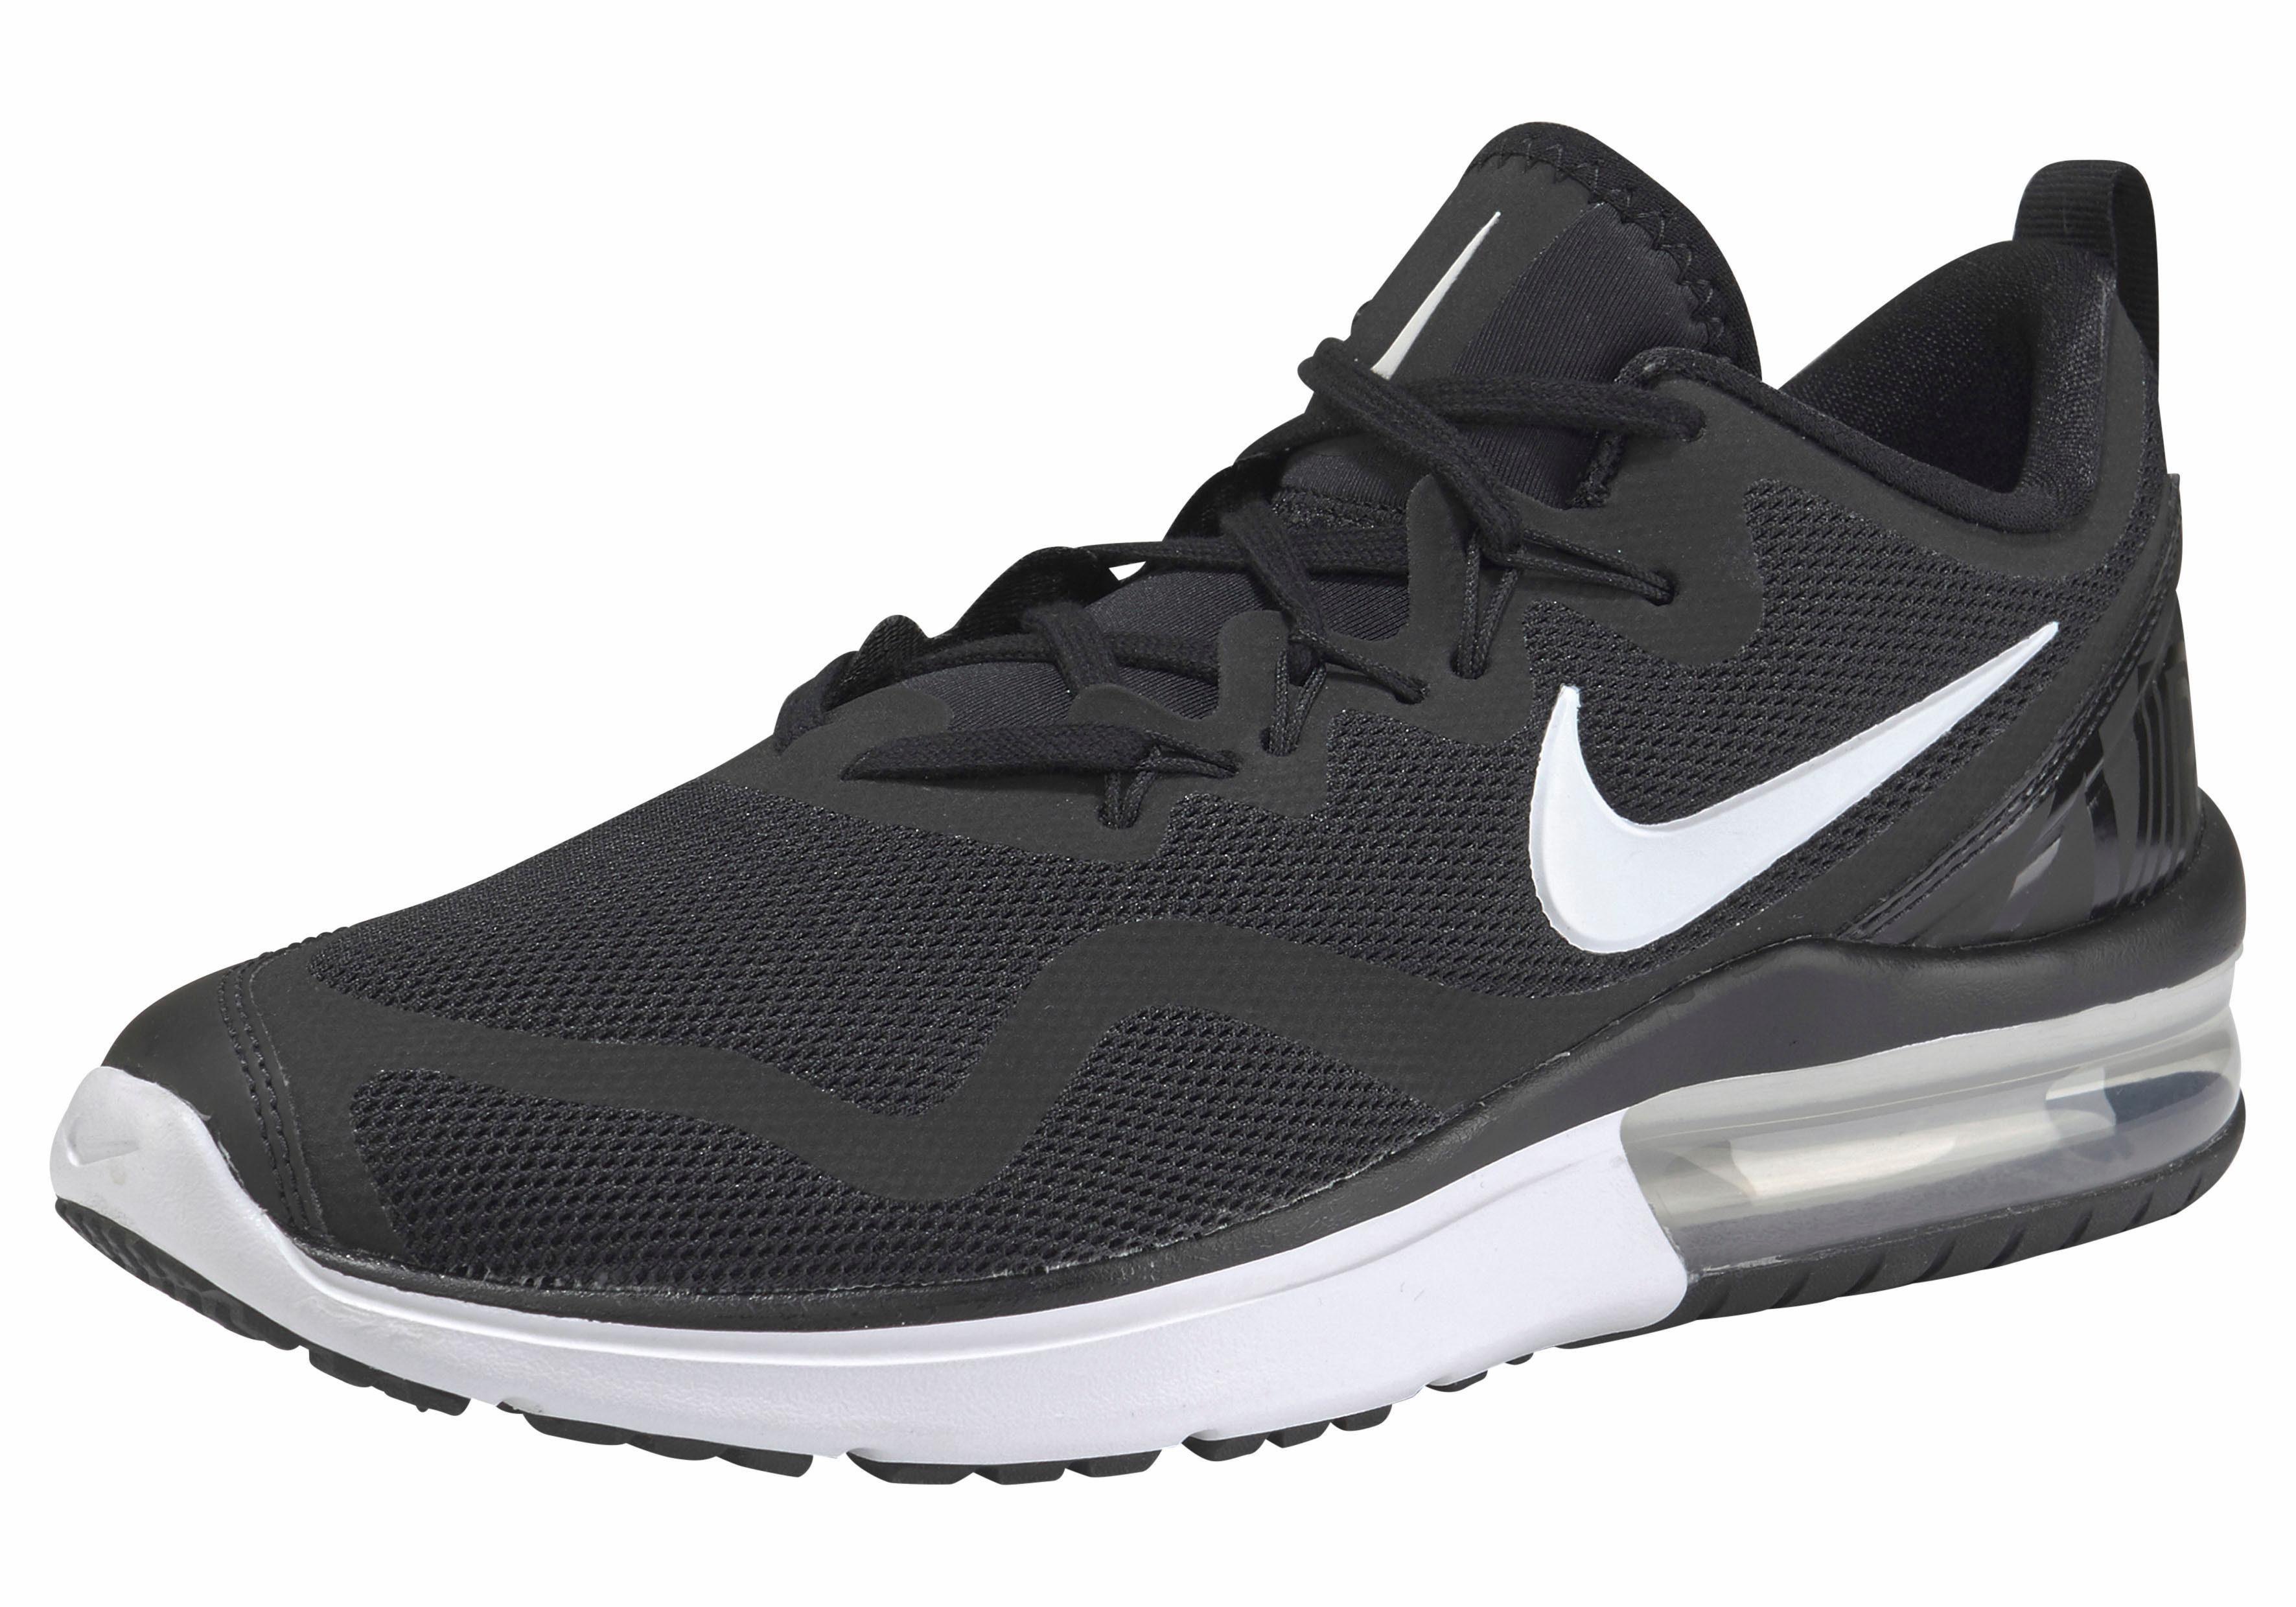 Nike kaufenOTTO Air Max LaufschuhLeichter Nike Fury« Laufschuh von online »Wmns KcF1TJ3l